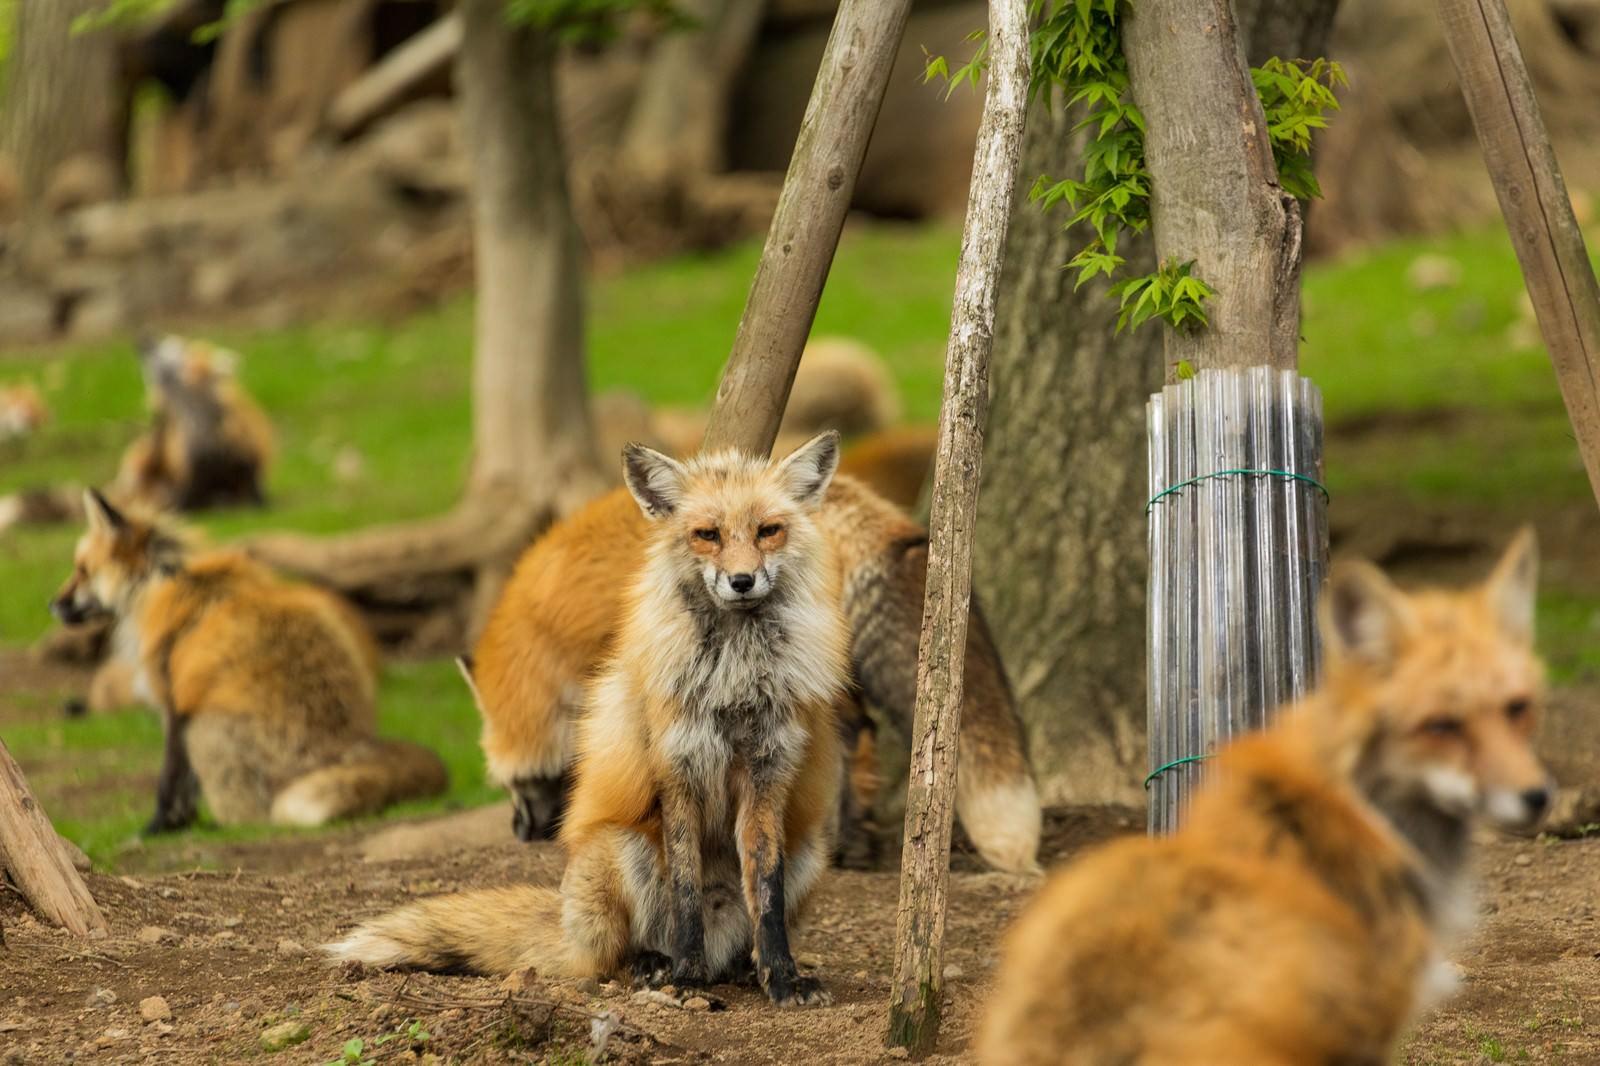 「狐 狐 狐 狐 狐」の写真